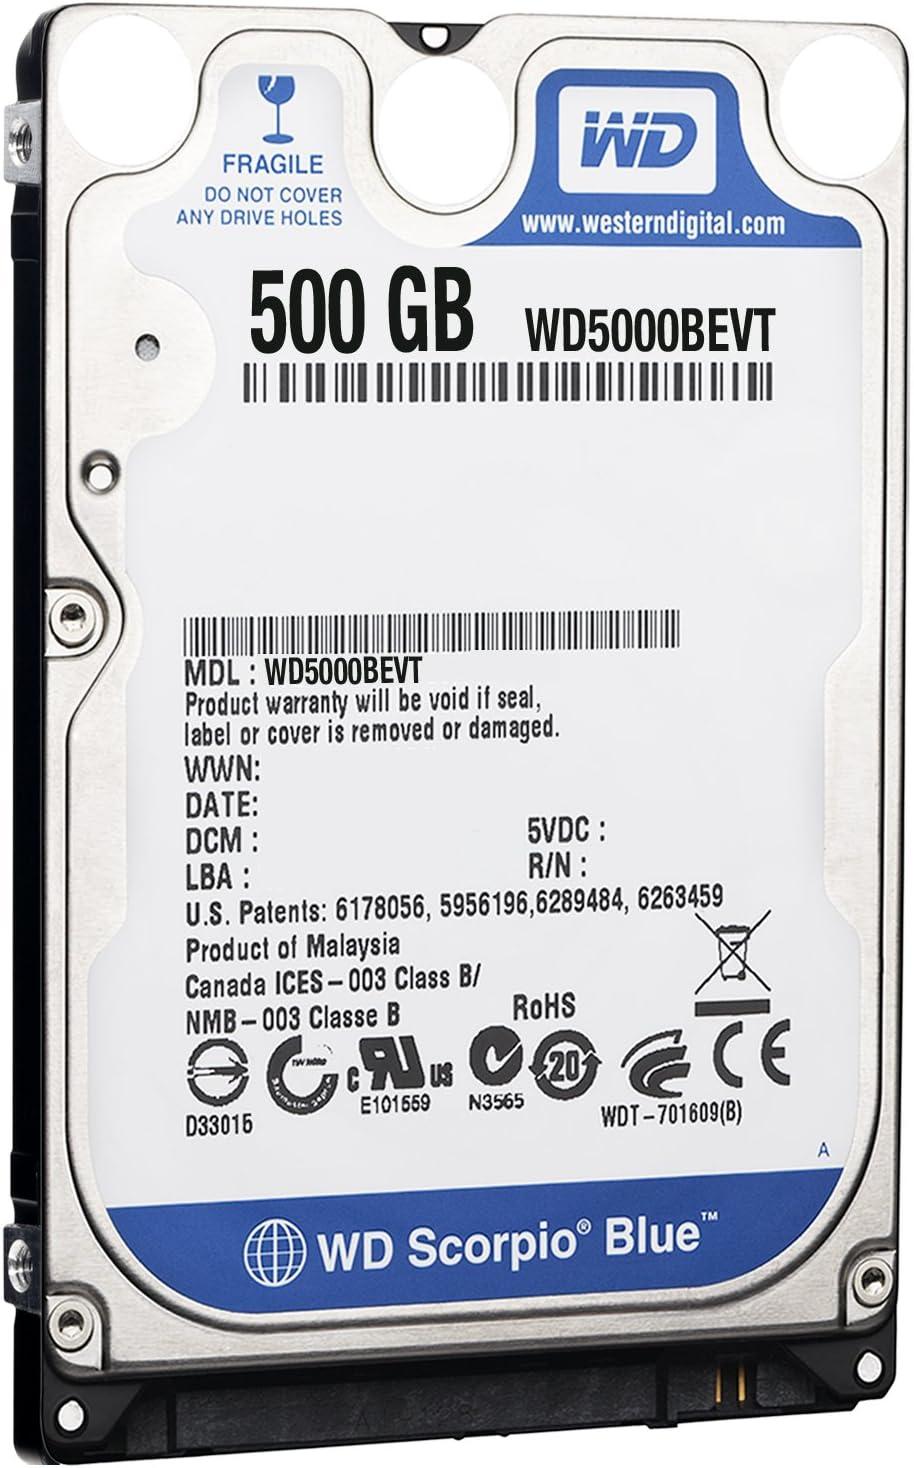 Western Digital Wd5000bevt Scorpio Blue 500gb Interne Computer Zubehör